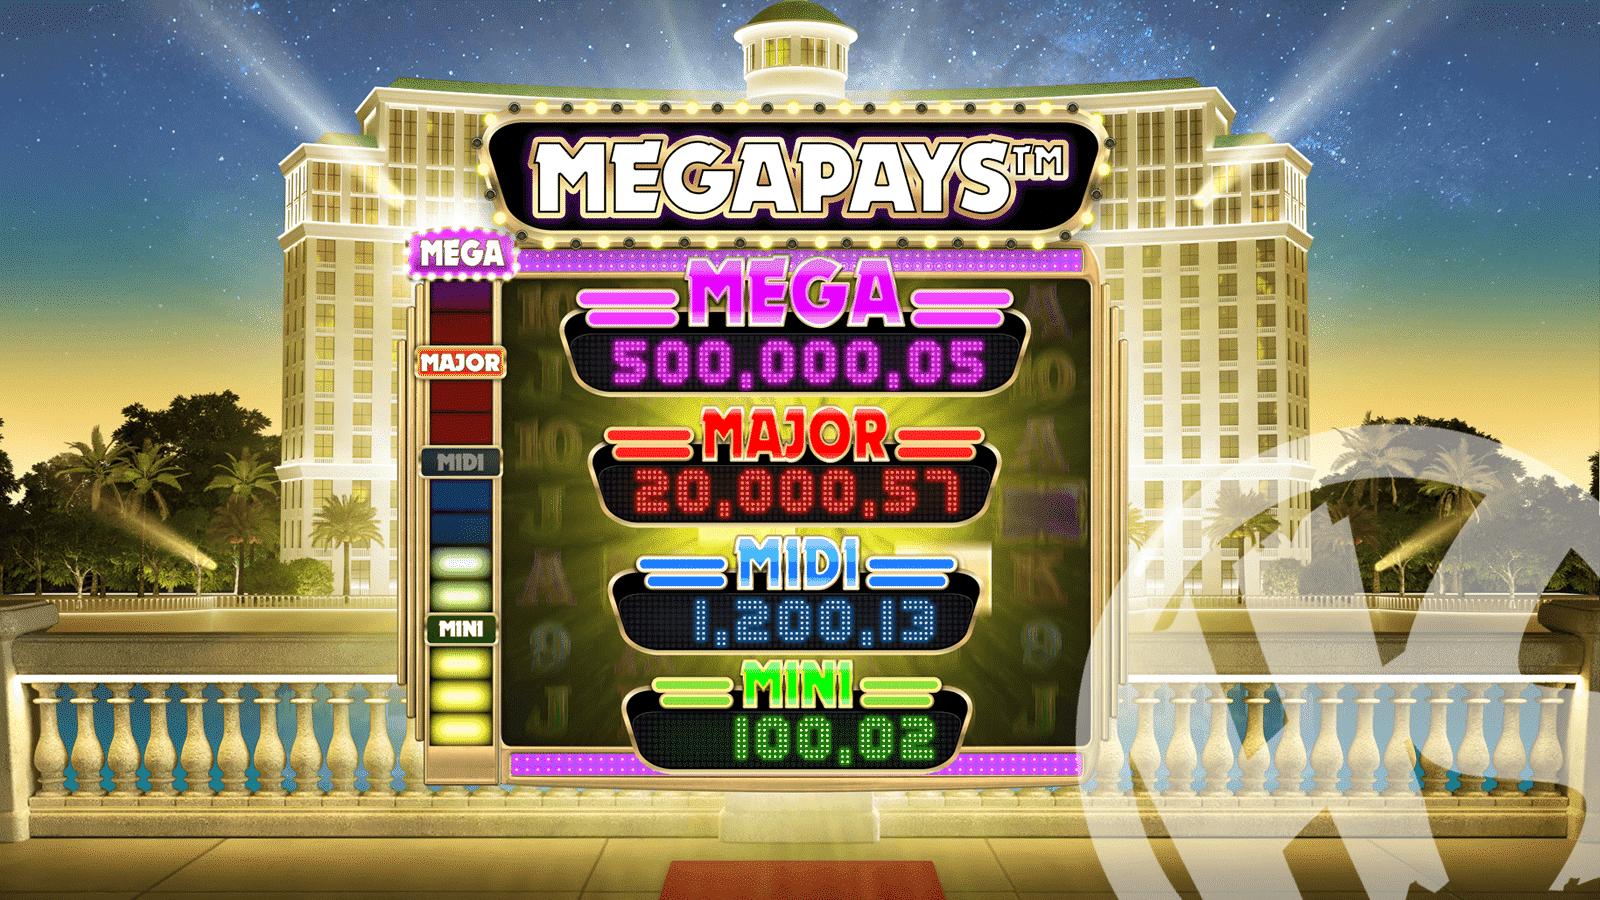 Bonanza Megapays: Coming June 2021